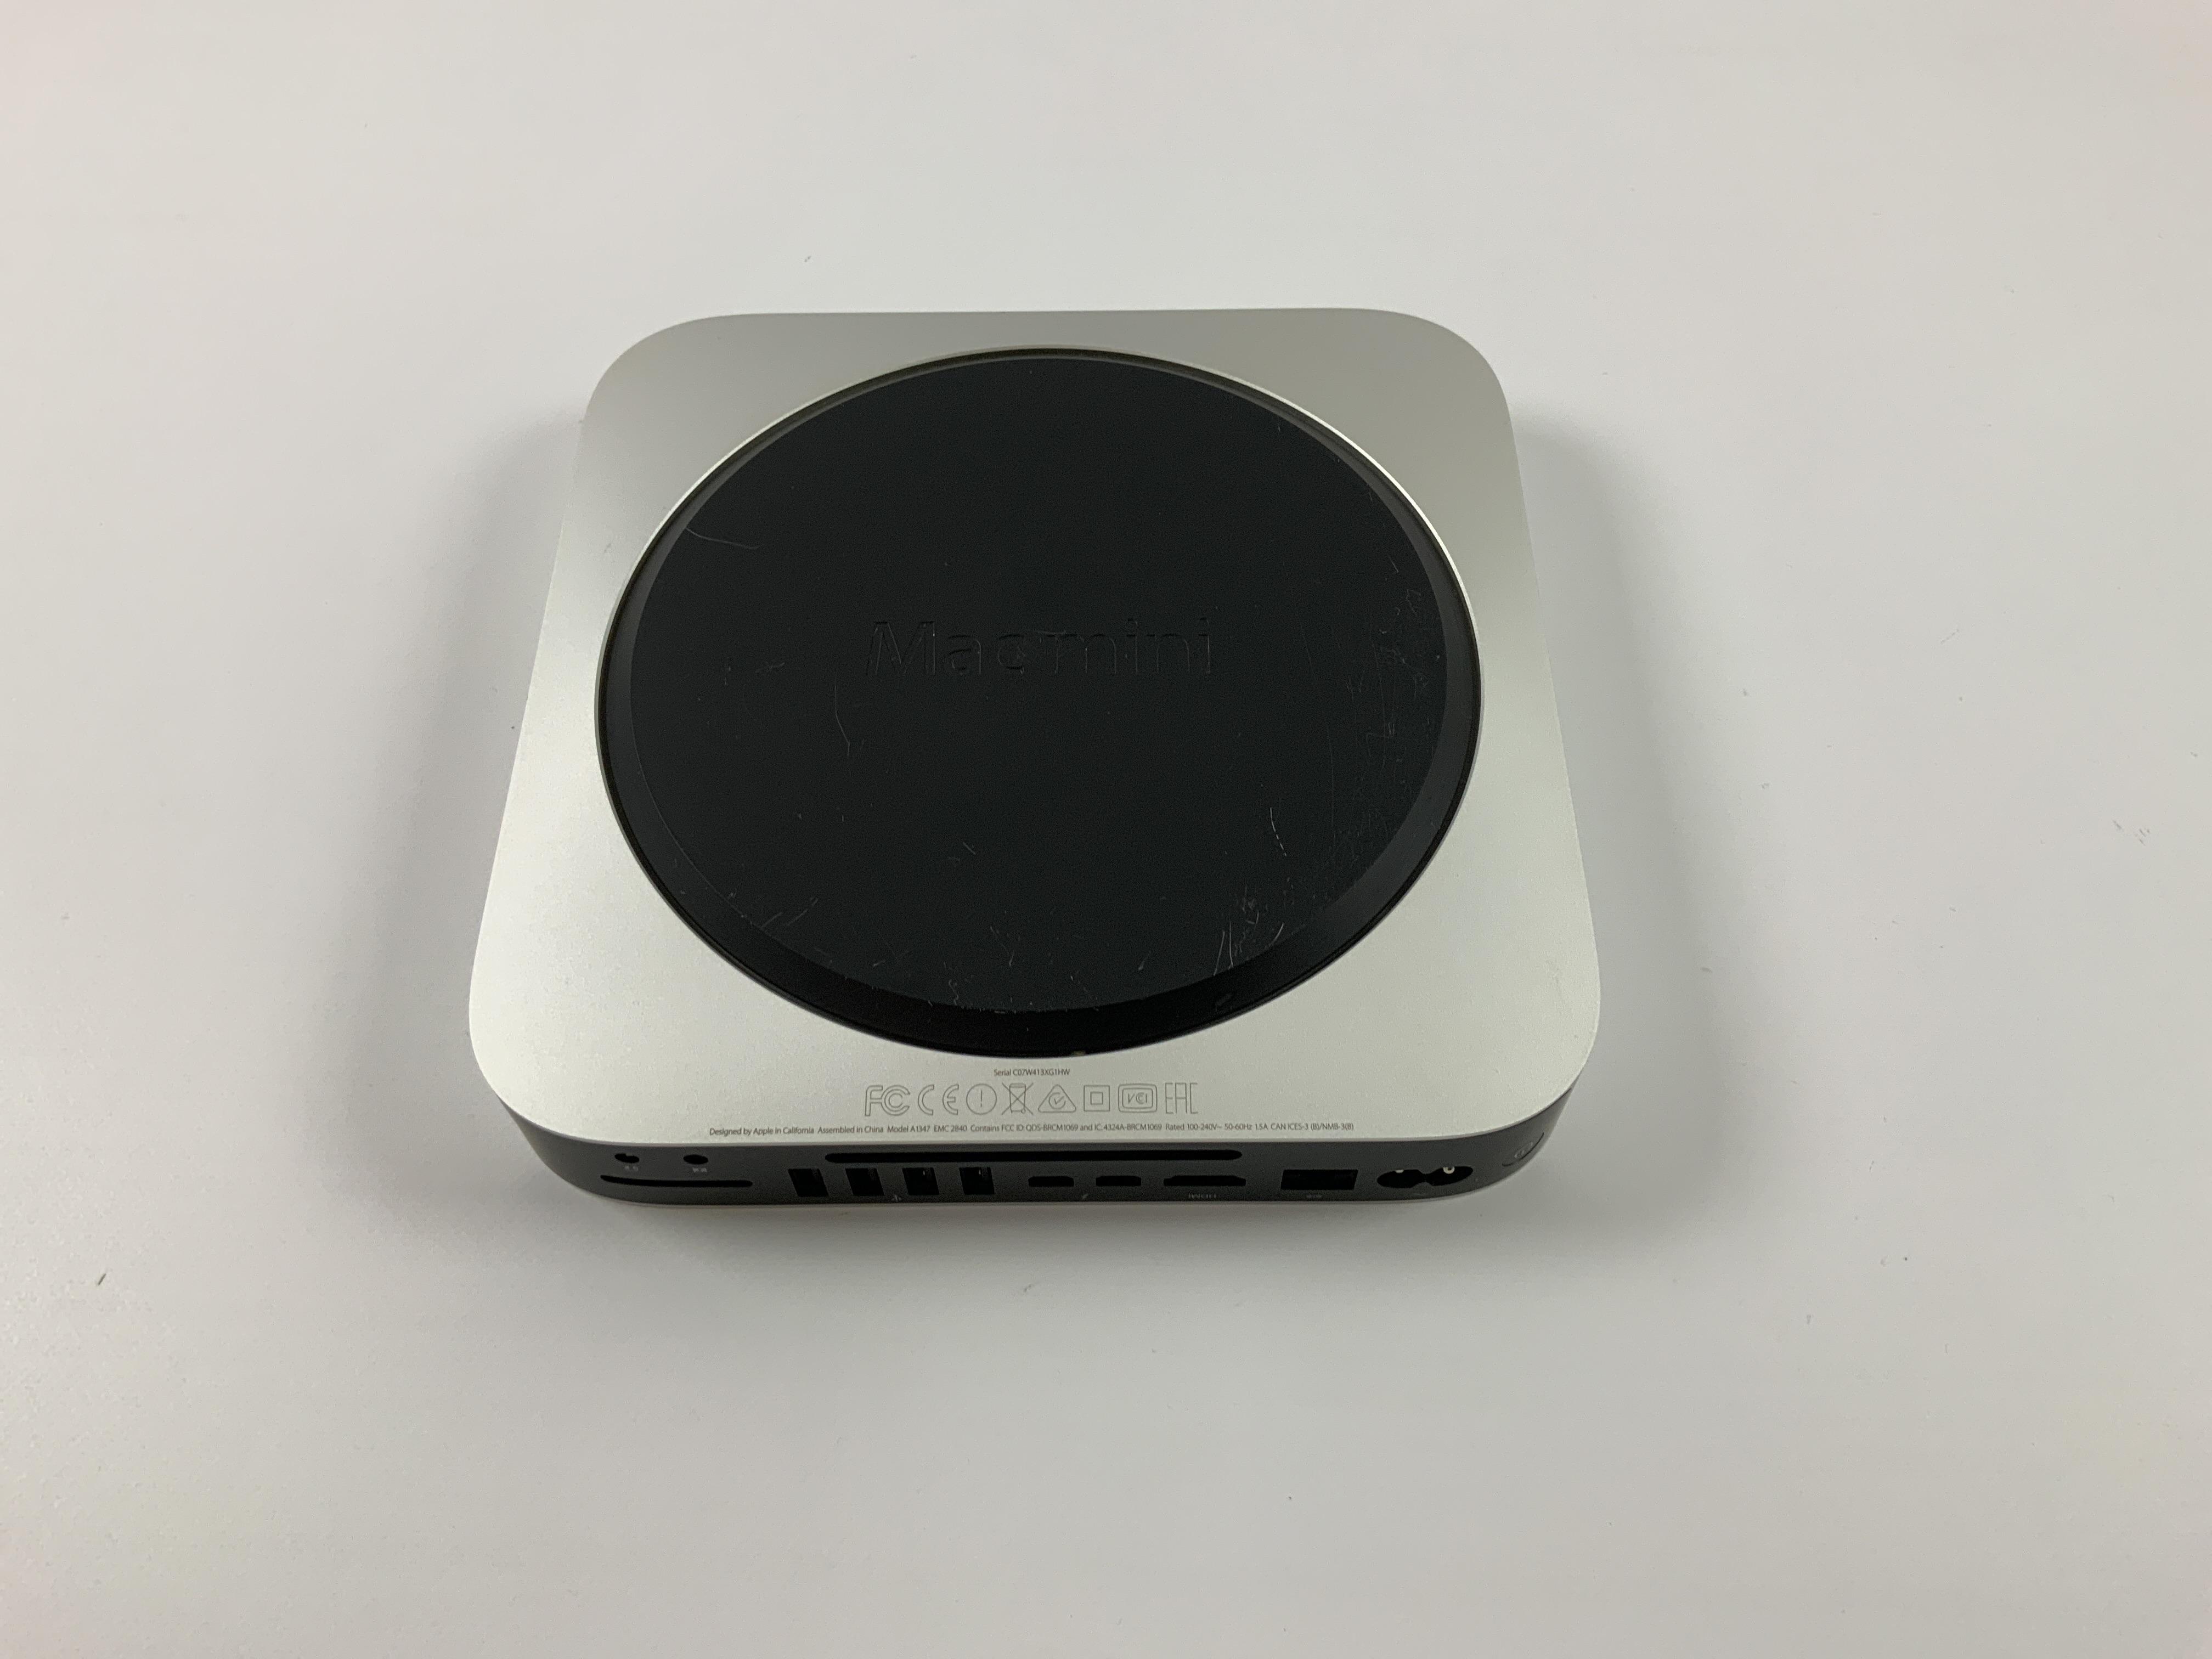 Mac Mini Late 2014 (Intel Core i5 2.6 GHz 8 GB RAM 1 TB HDD), Intel Core i5 2.6 GHz, 8 GB RAM, 1 TB HDD, Bild 2